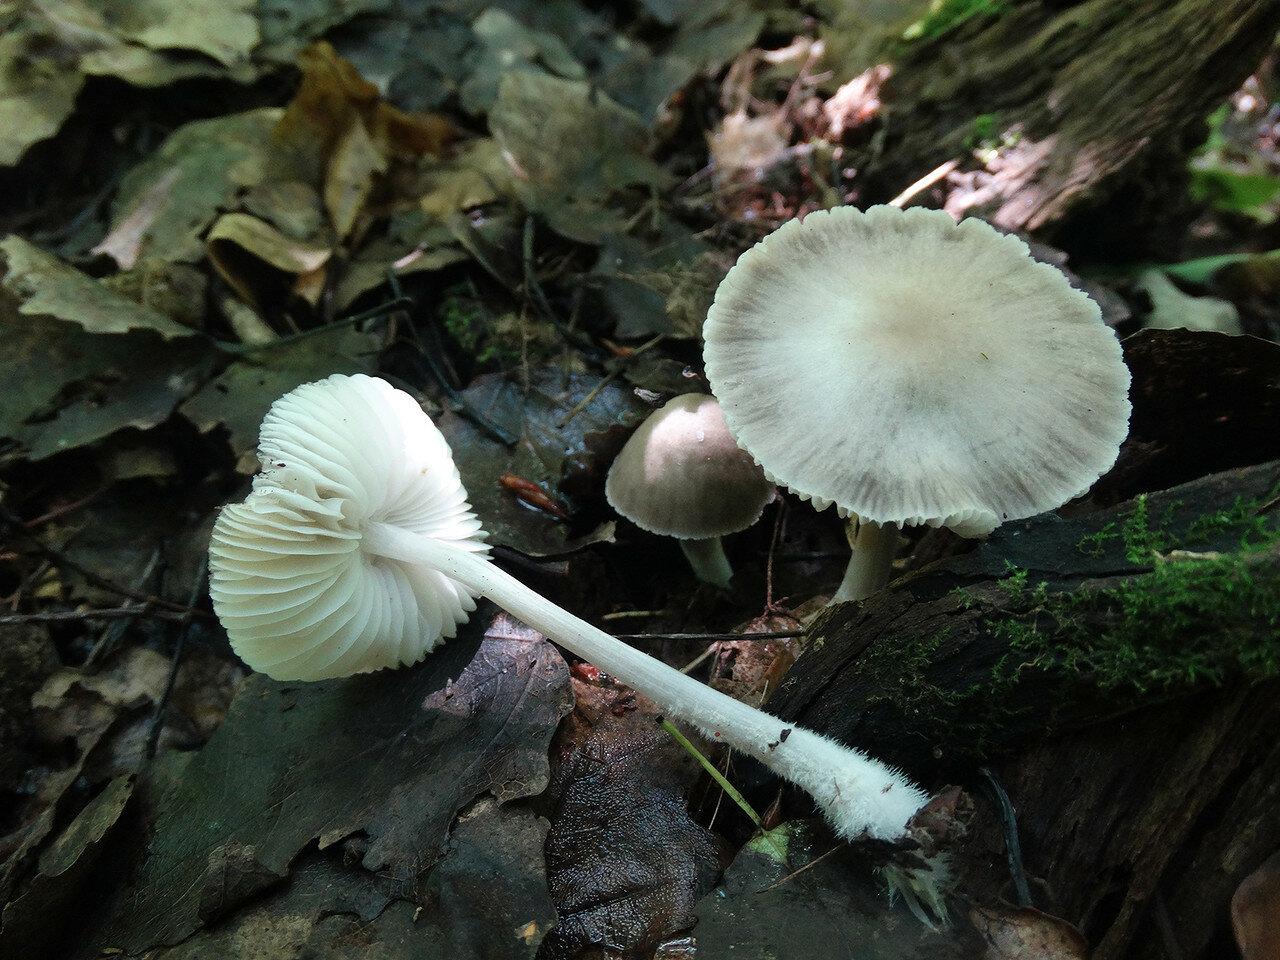 Мицена белоножковая (Mycena niveipes). Автор фото: Привалова Марина